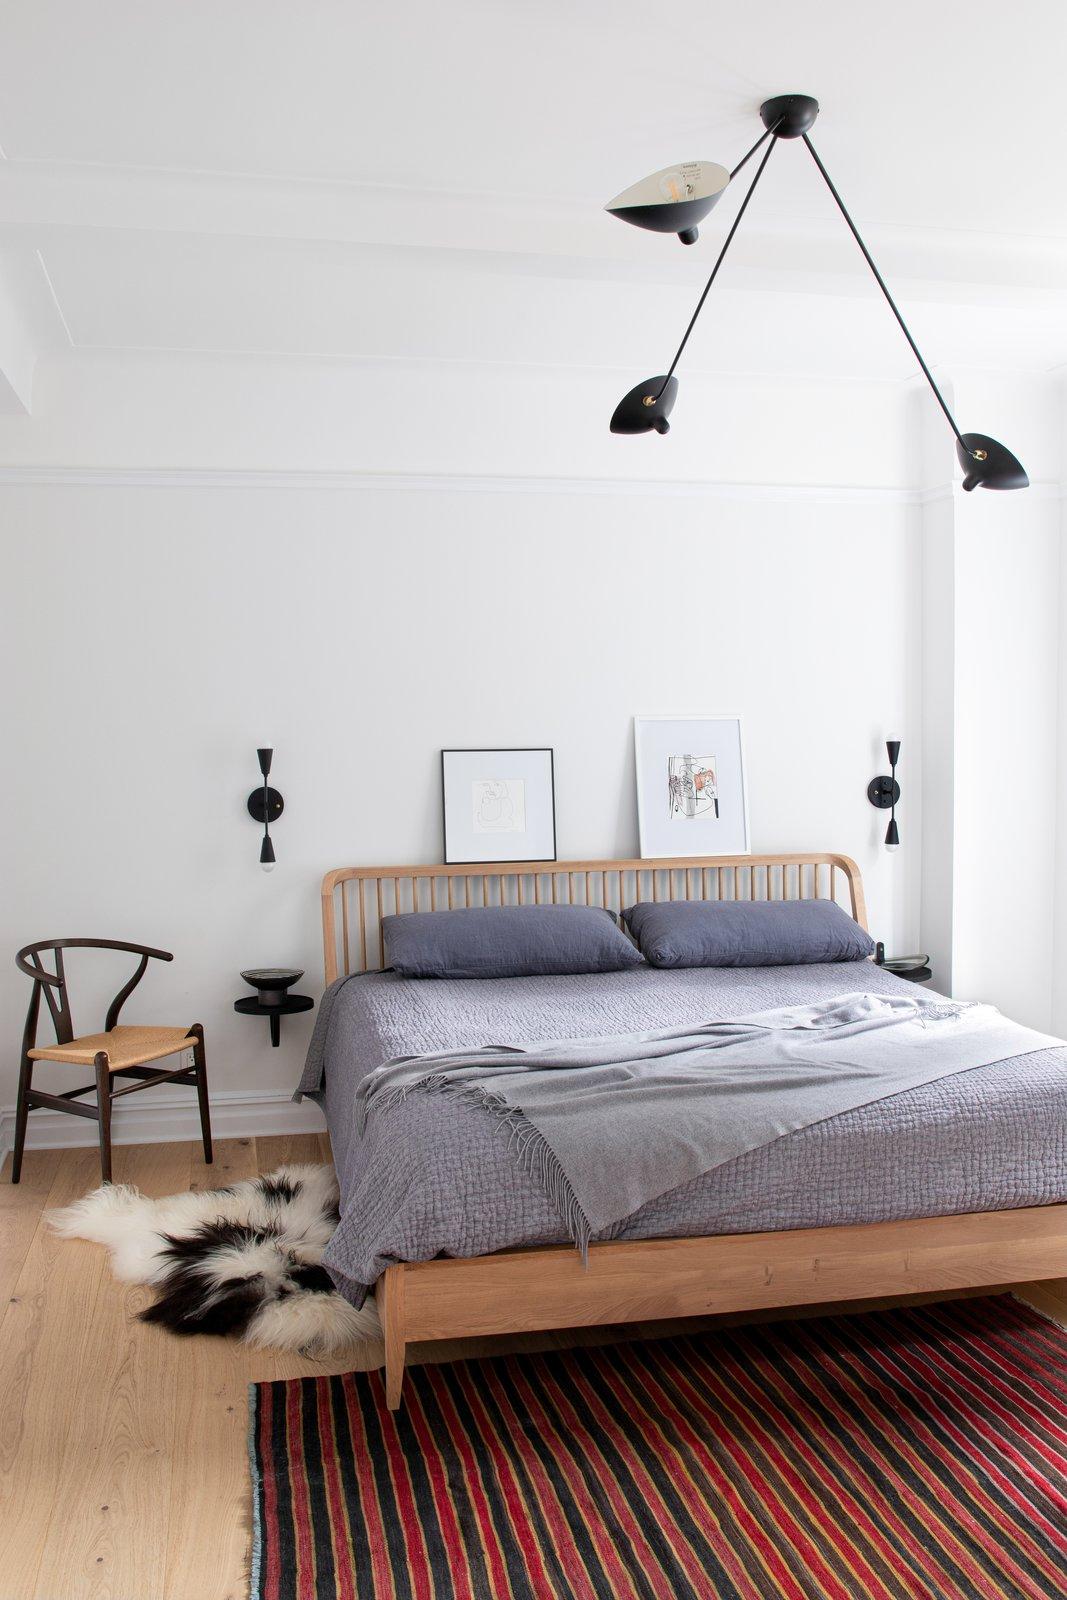 Upper West Side apartment Stewart-Schafer bedroom